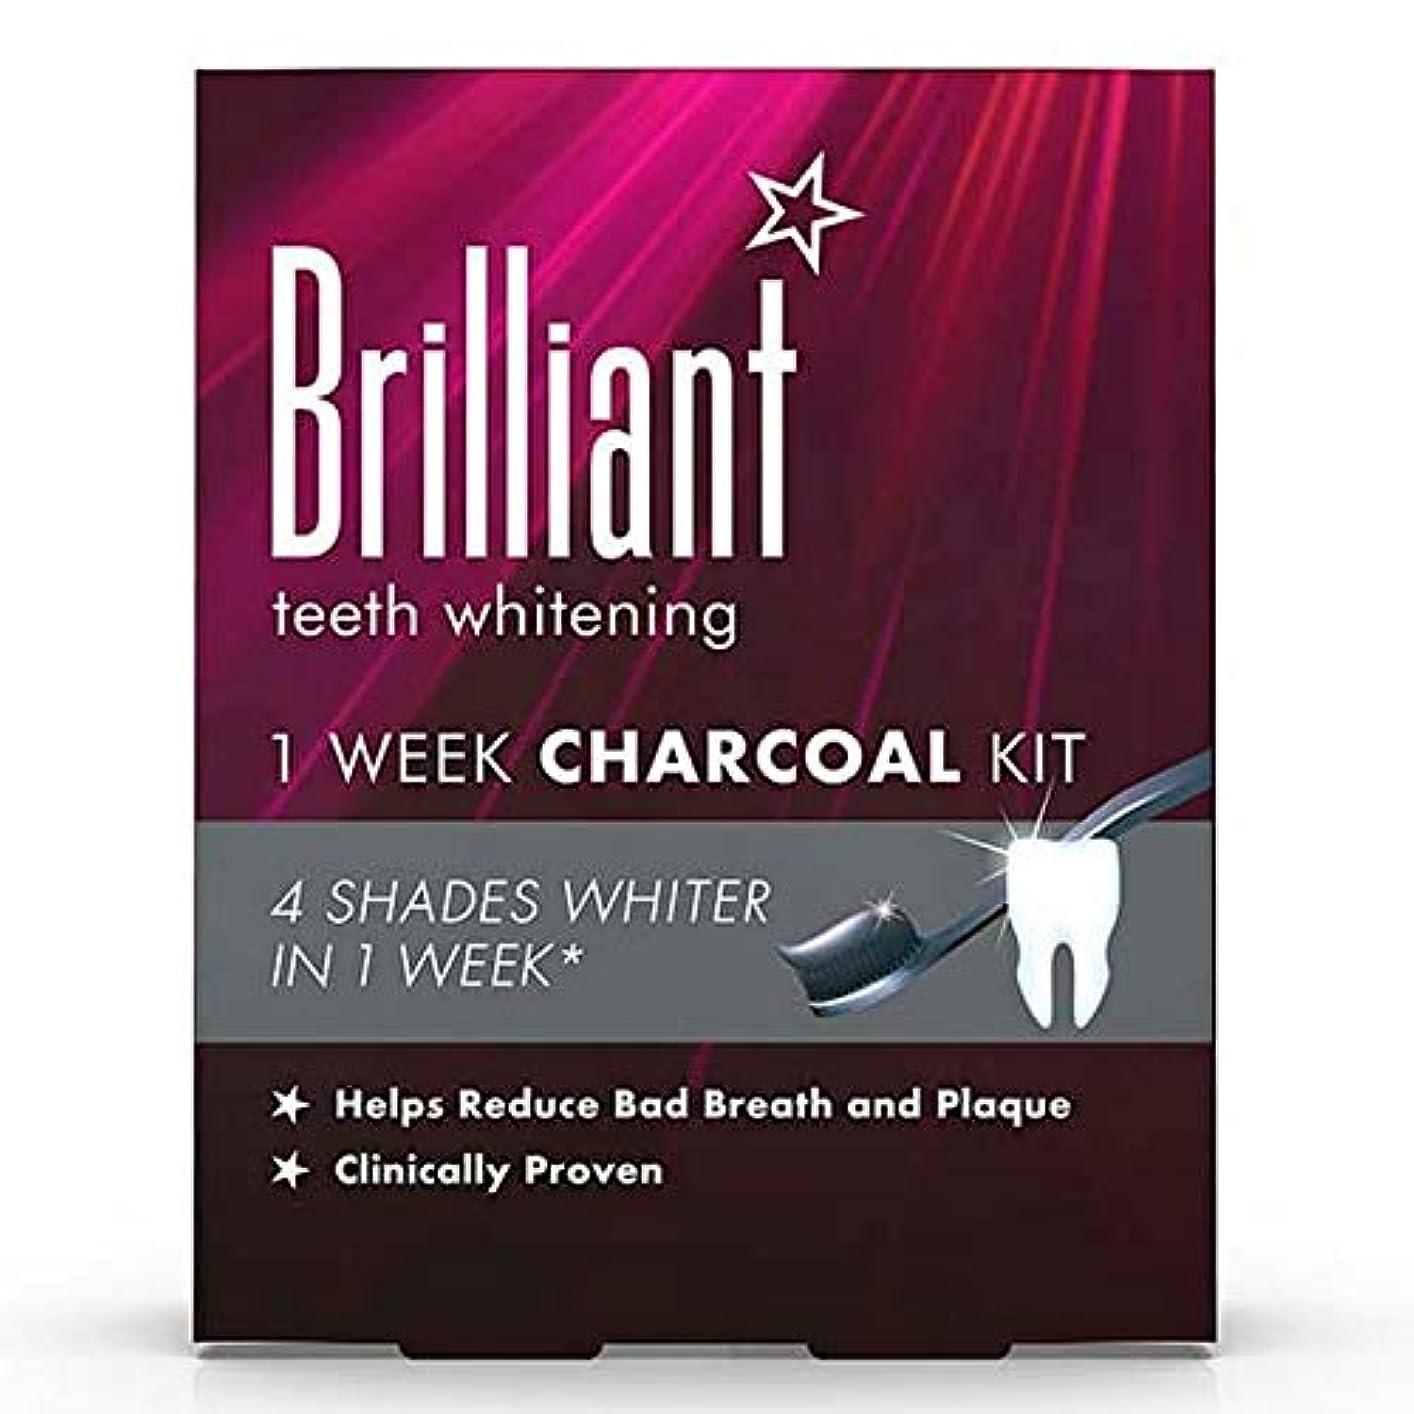 急ぐ皿王朝[Brilliant ] 華麗なホワイトニング1週間木炭キット - Brilliant Whitening 1 Week Charcoal Kit [並行輸入品]